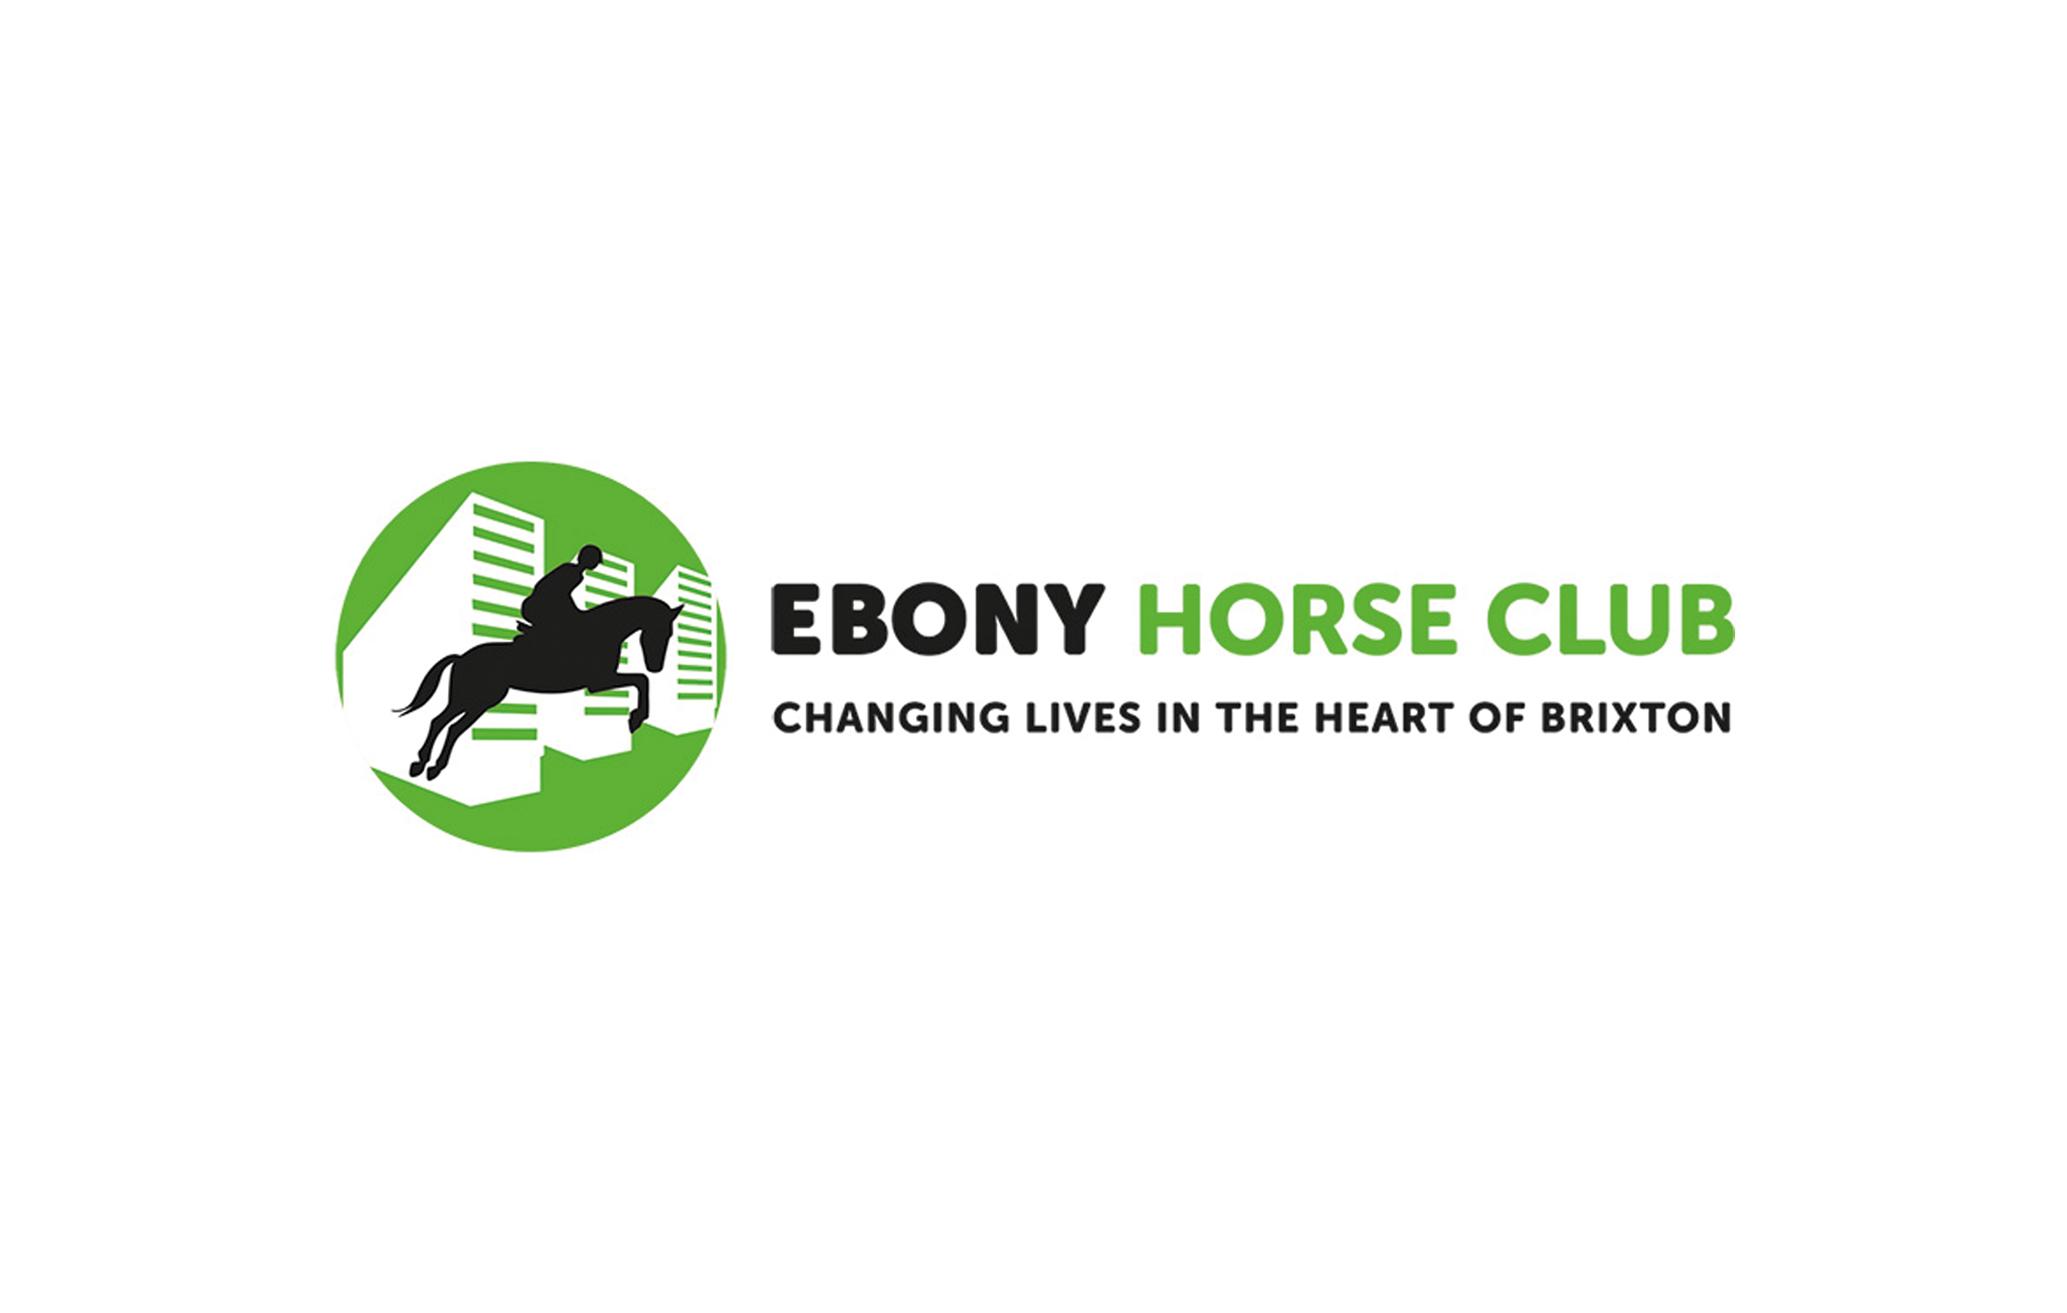 Ebony-Horse-Club-Logo.jpg